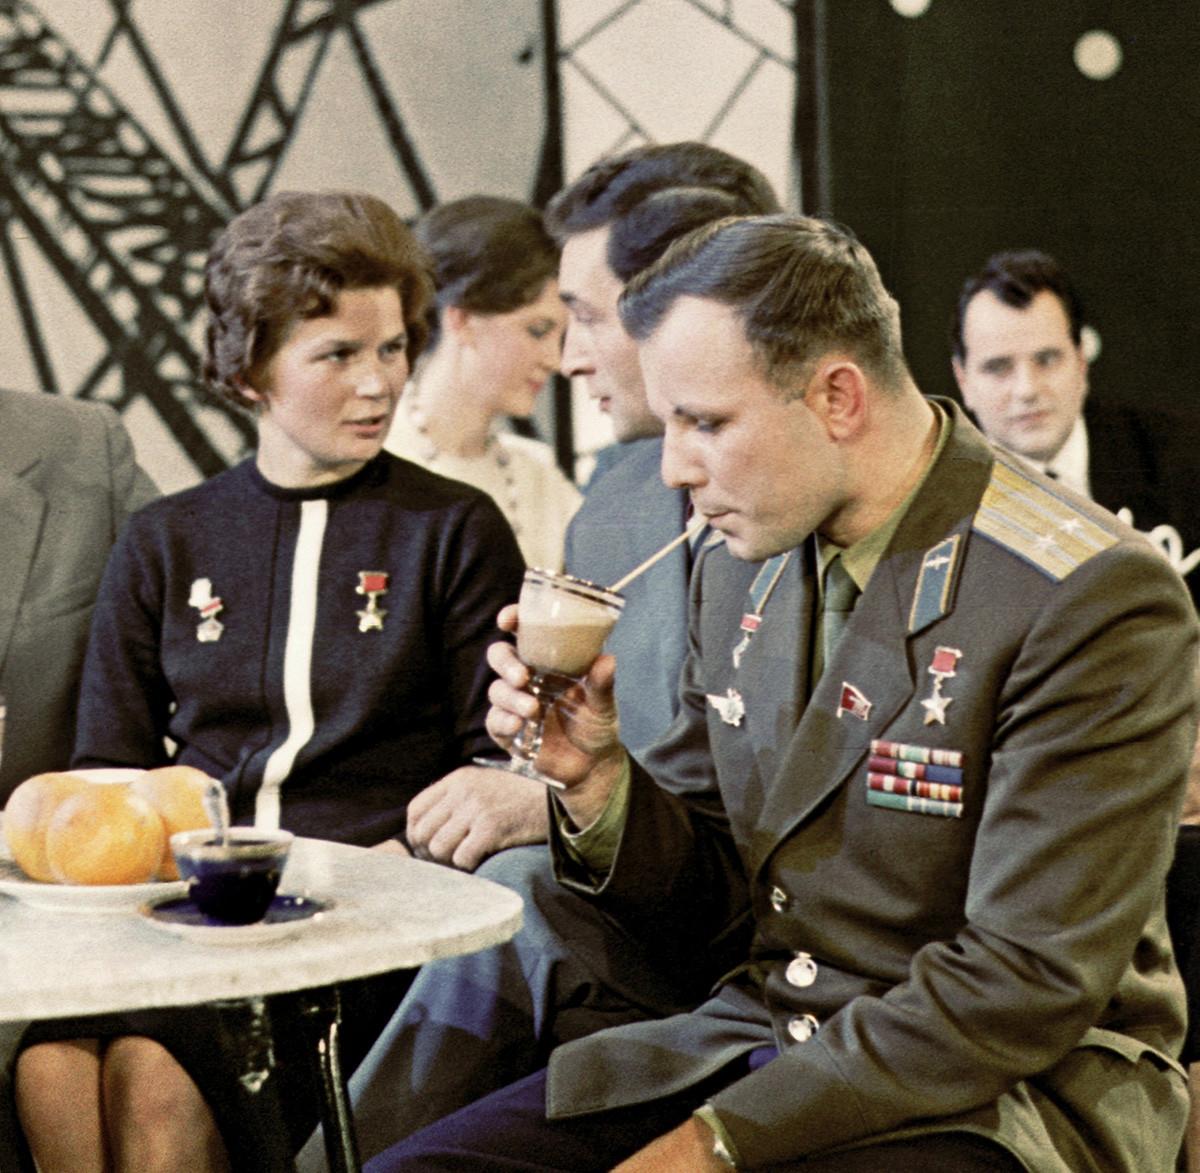 Lors du tournage de «Flamme bleue», l'émission du Nouvel An soviétique, 1963